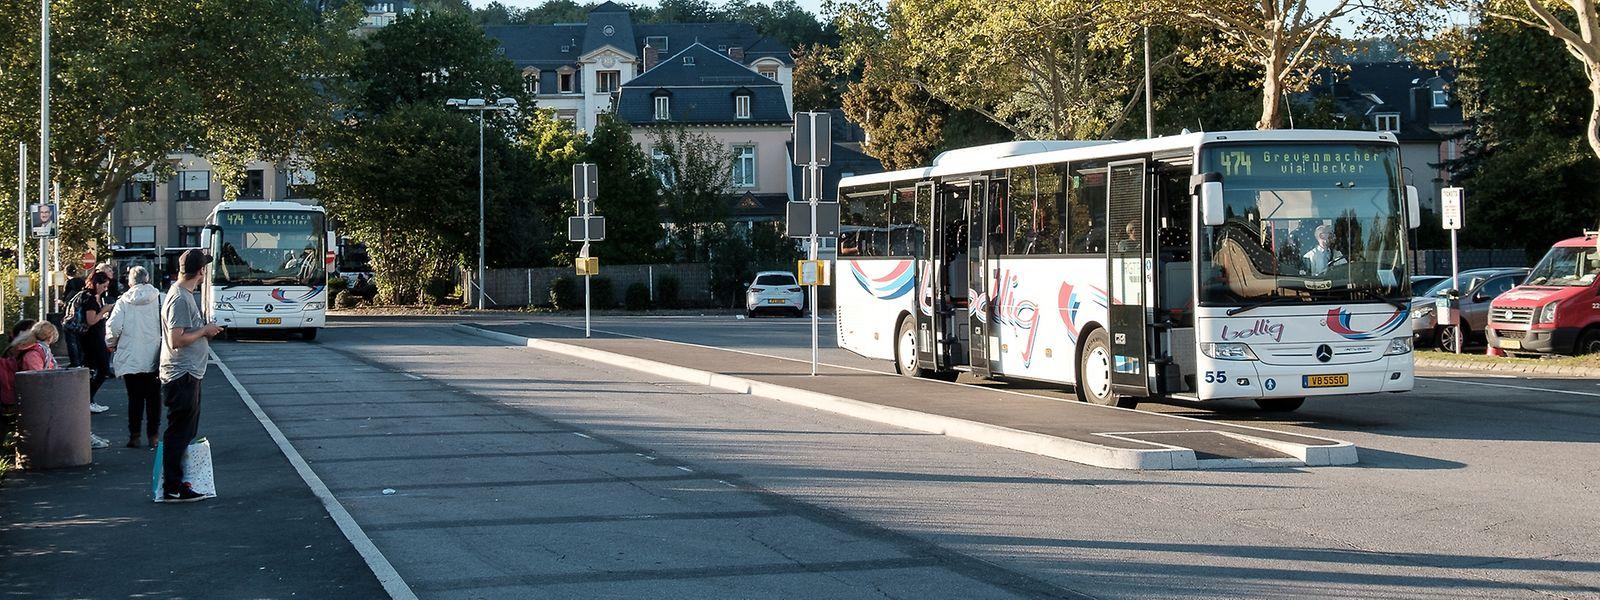 Am neuen Busbahnhof werden bis zum Wochenende noch die Unterstände fertiggestellt.